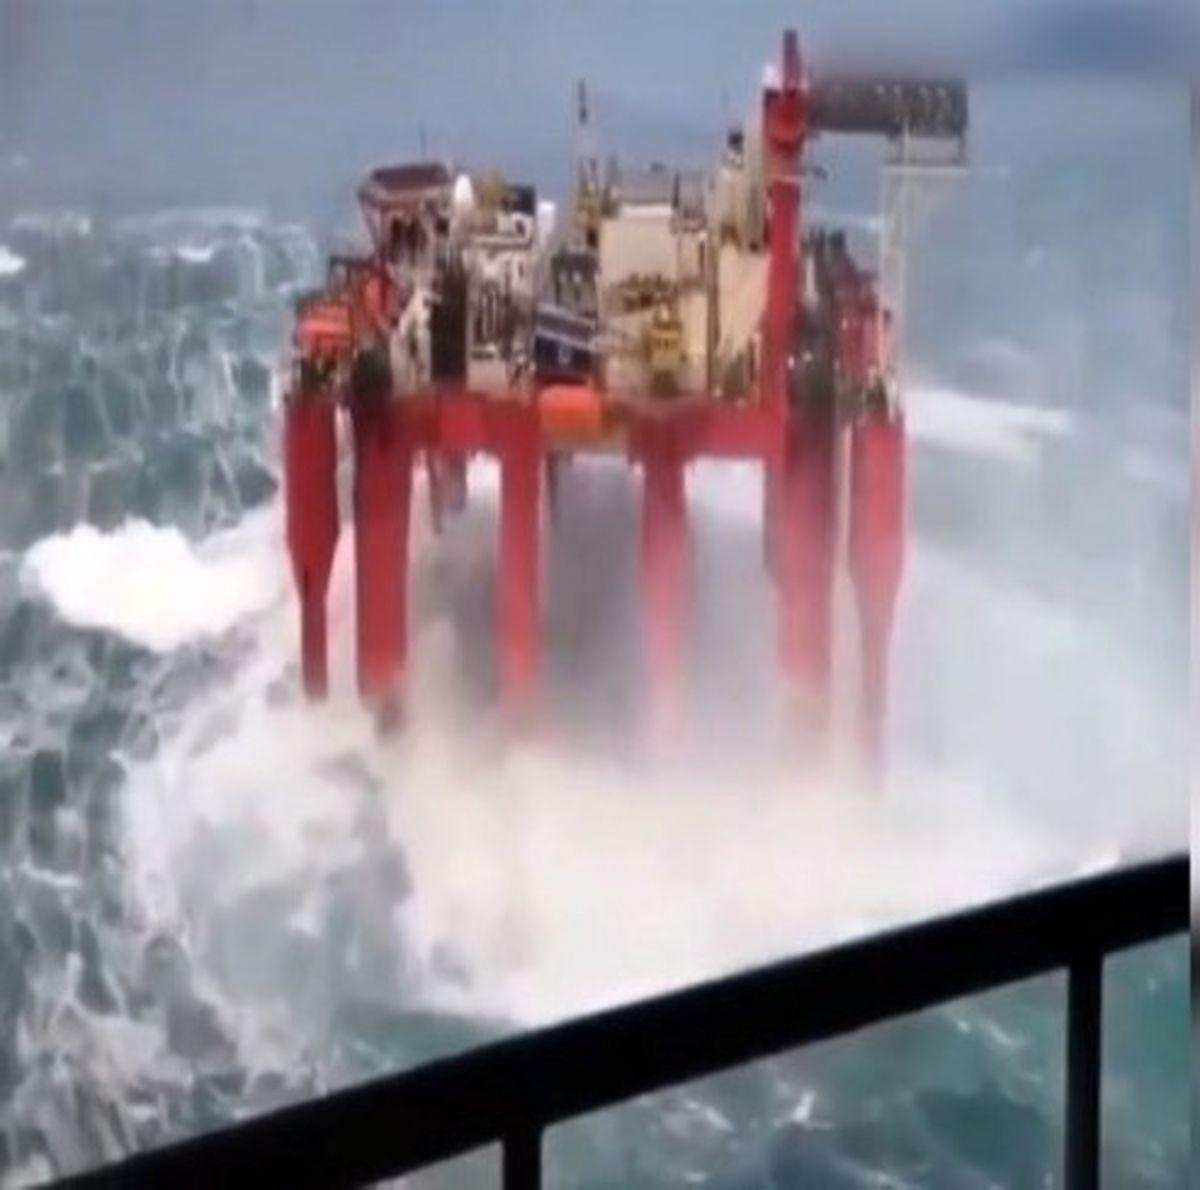 مقاومت سکوی نفتی در برابر طوفان +فیلم